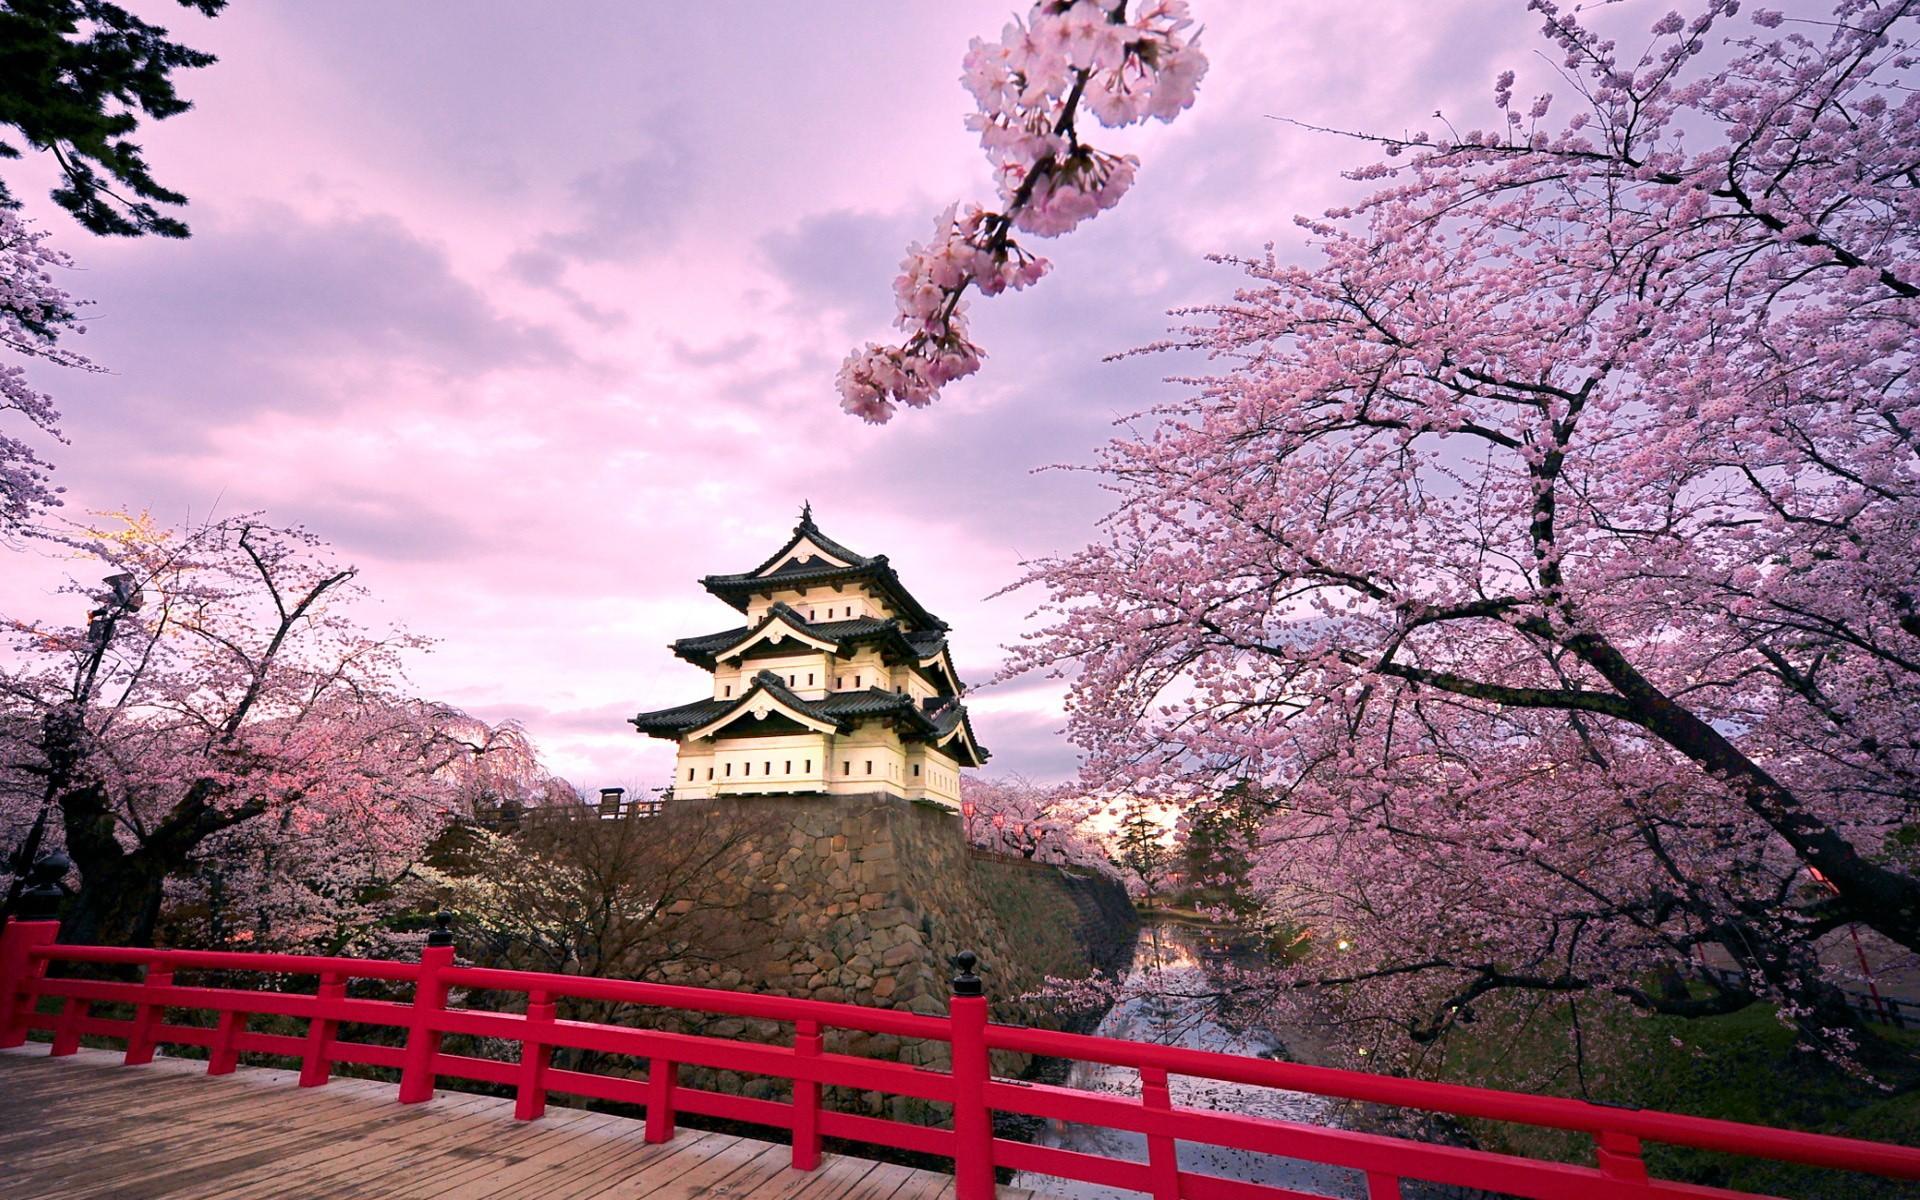 Castillo Japonés - 1920x1200